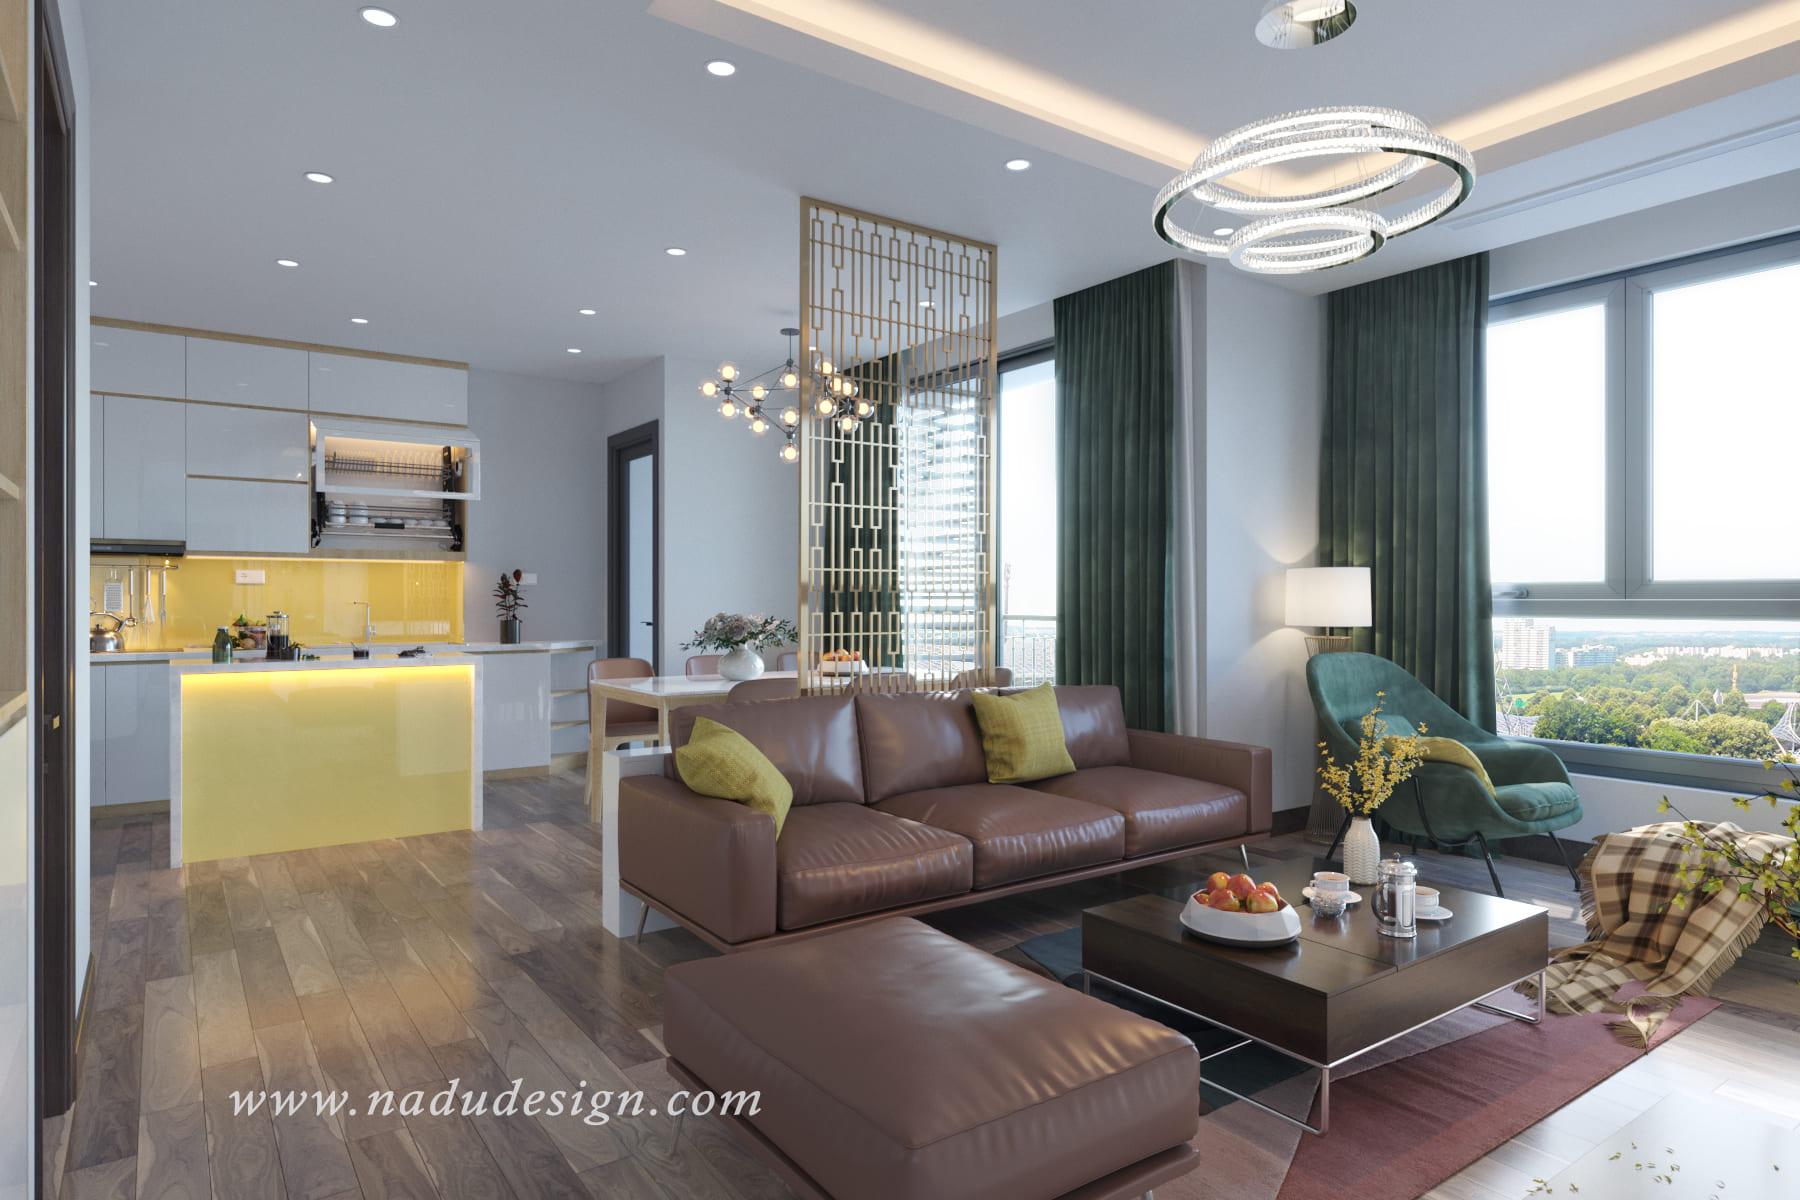 Thiết kế nội thất căn hộ chung cư Vinhomes Green Bay với gam màu trầm ấm